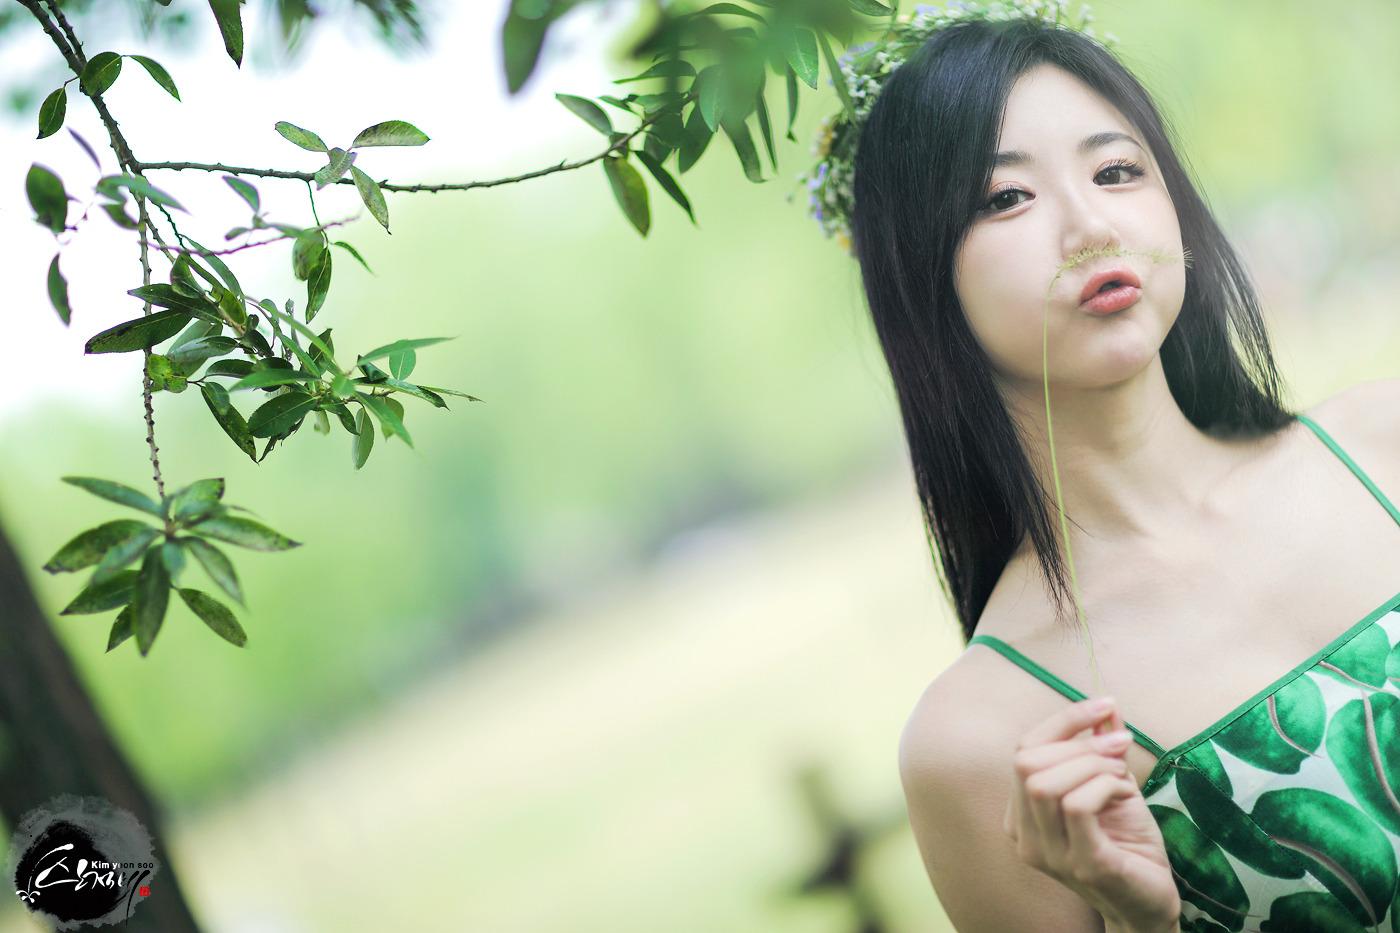 캐논 만투 용산가족공원 이니스프리 레이싱모델 연다빈